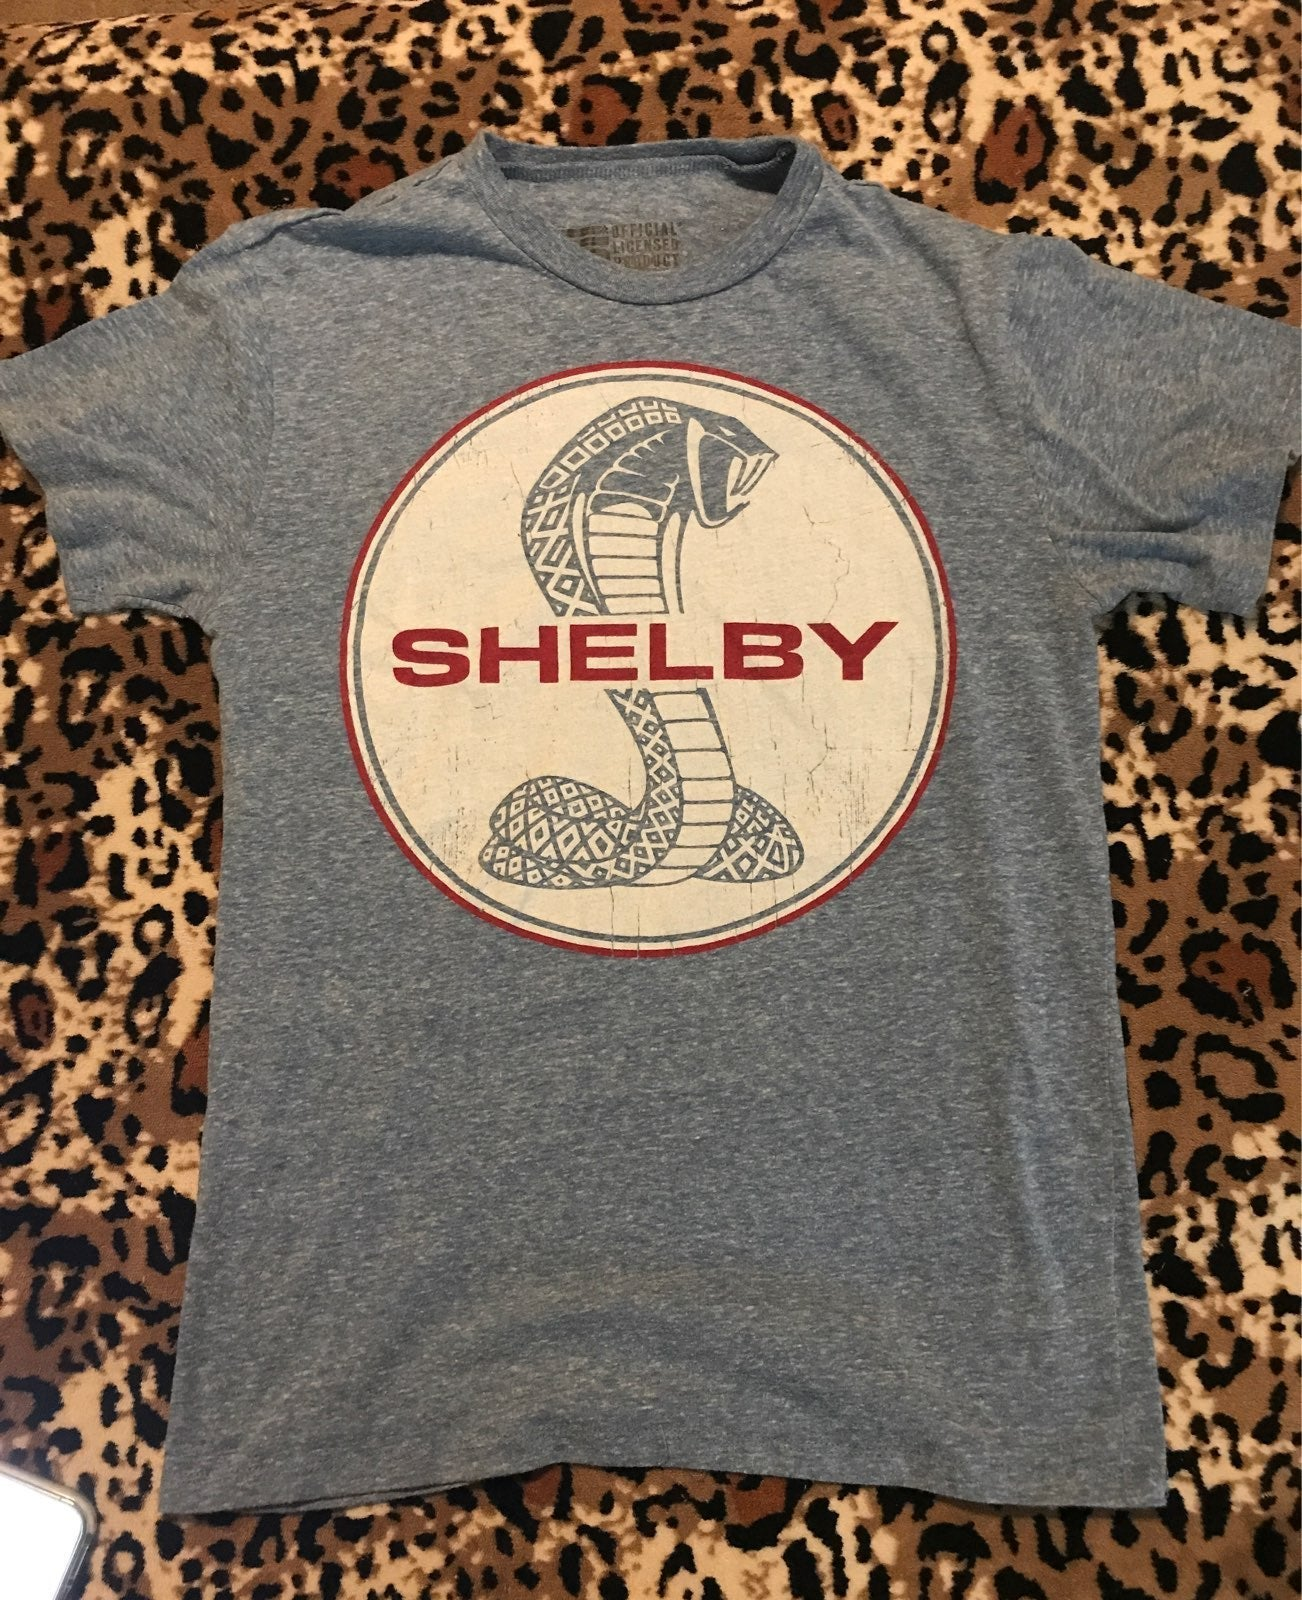 Shelby Cobra shirt